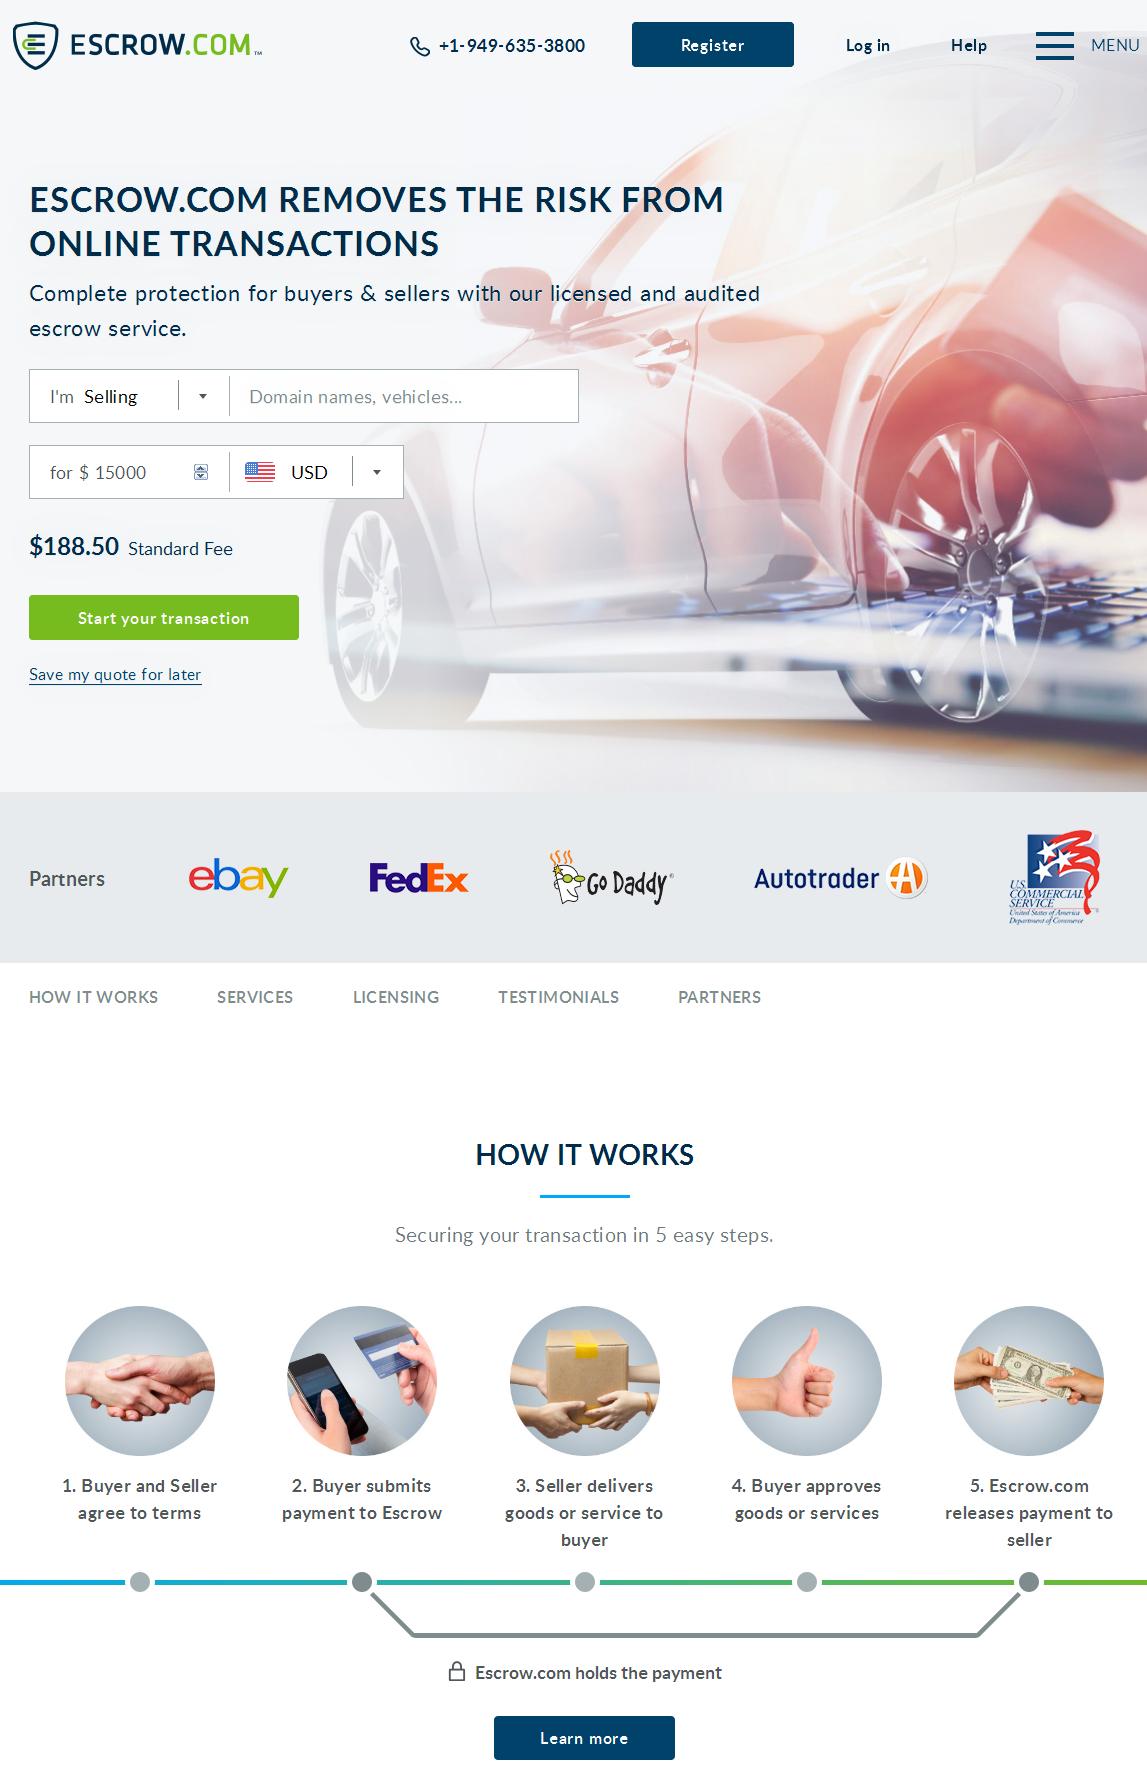 Homepage of Escrow.com, the most popular online escrow service